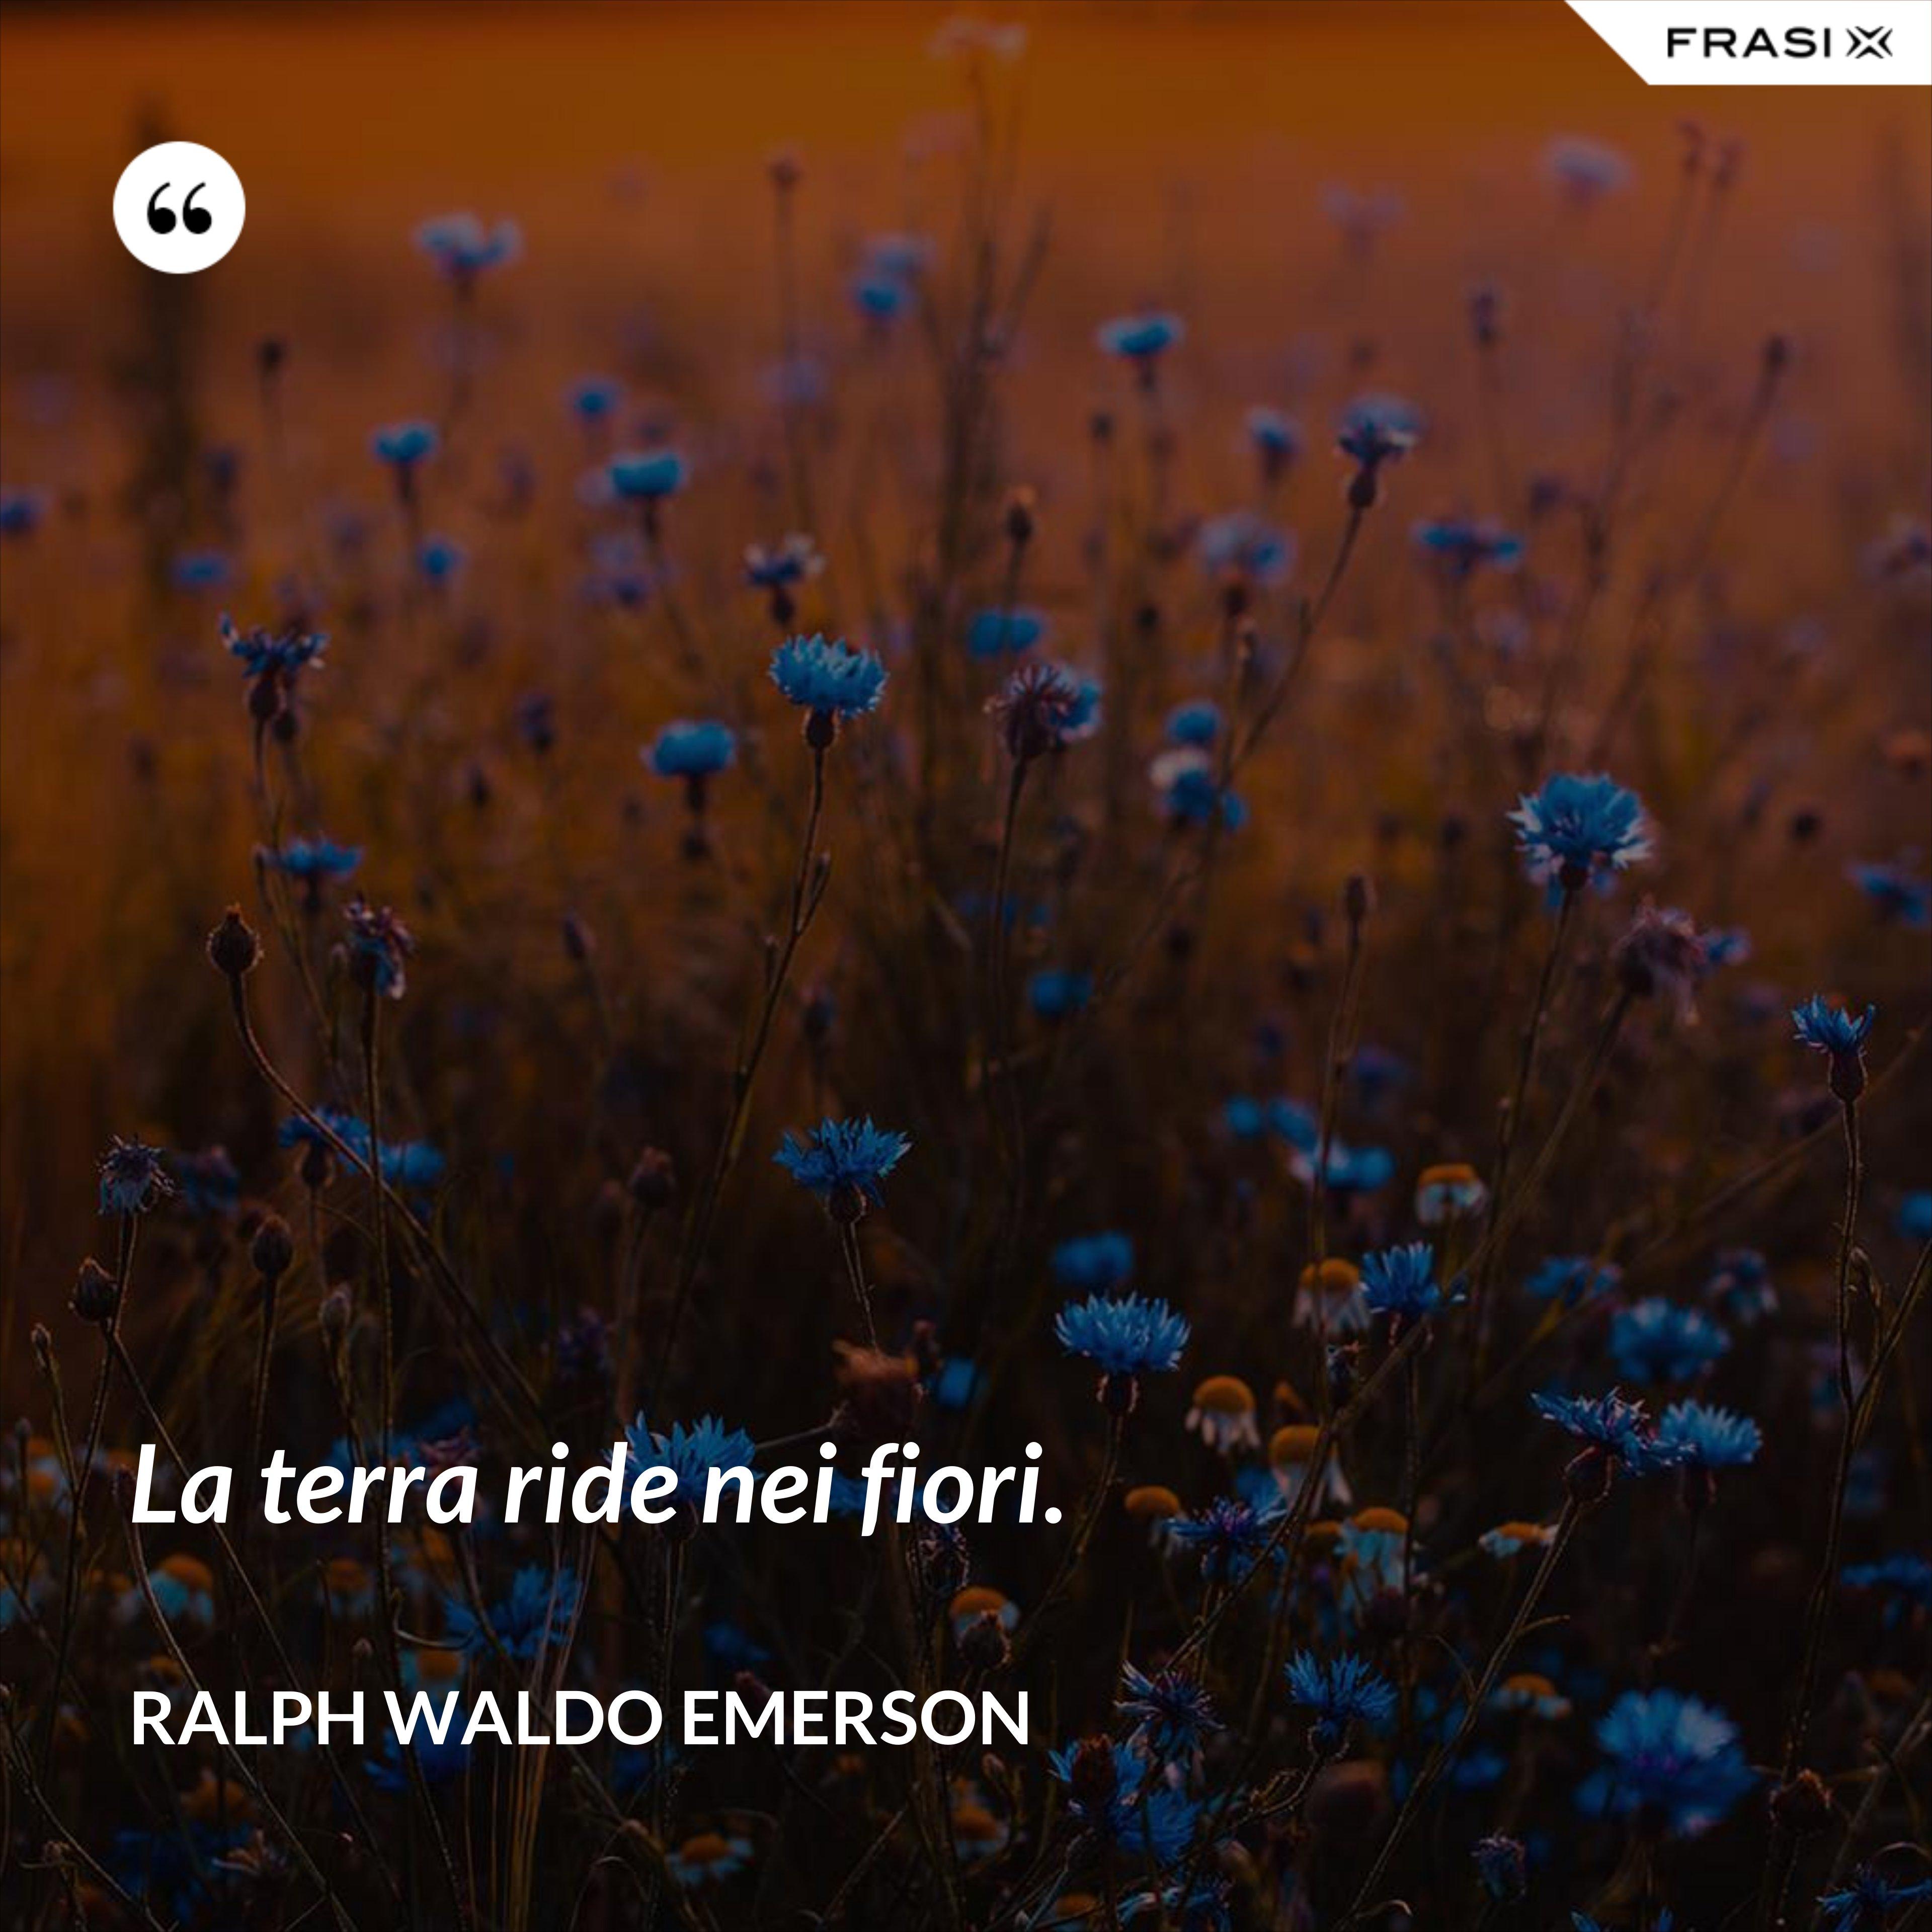 La terra ride nei fiori. - Ralph Waldo Emerson